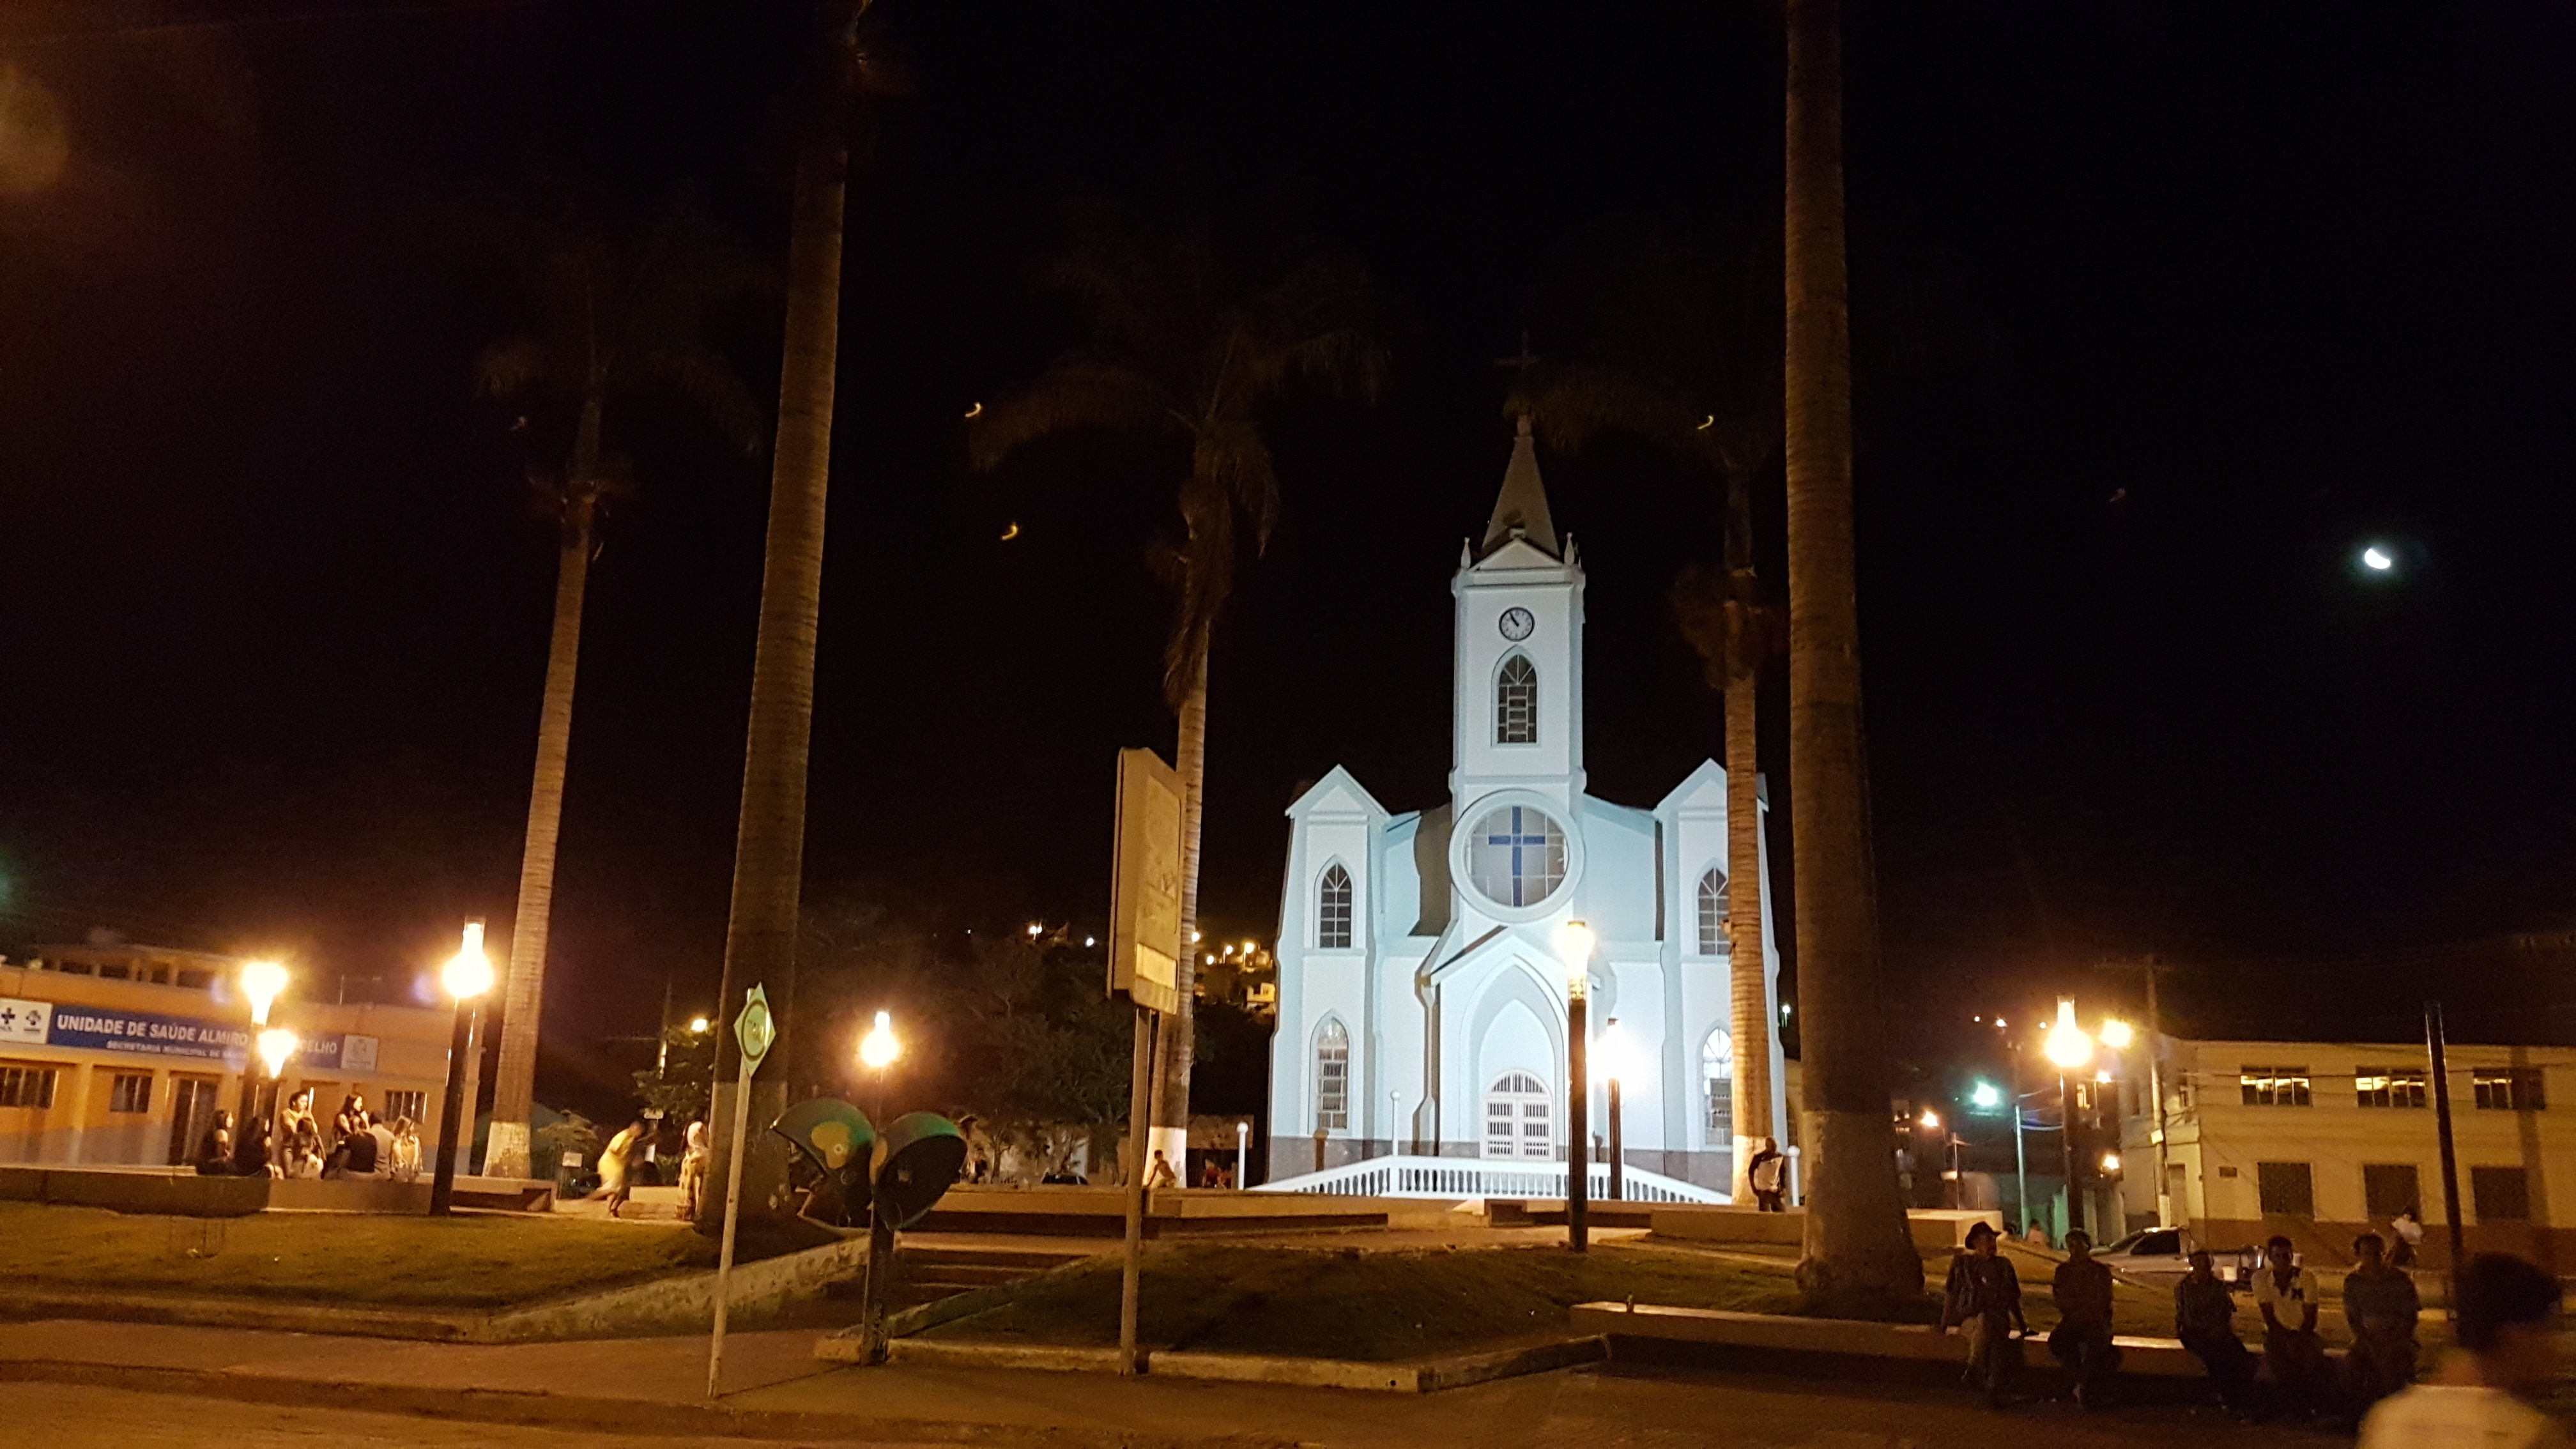 Sericita Minas Gerais fonte: upload.wikimedia.org